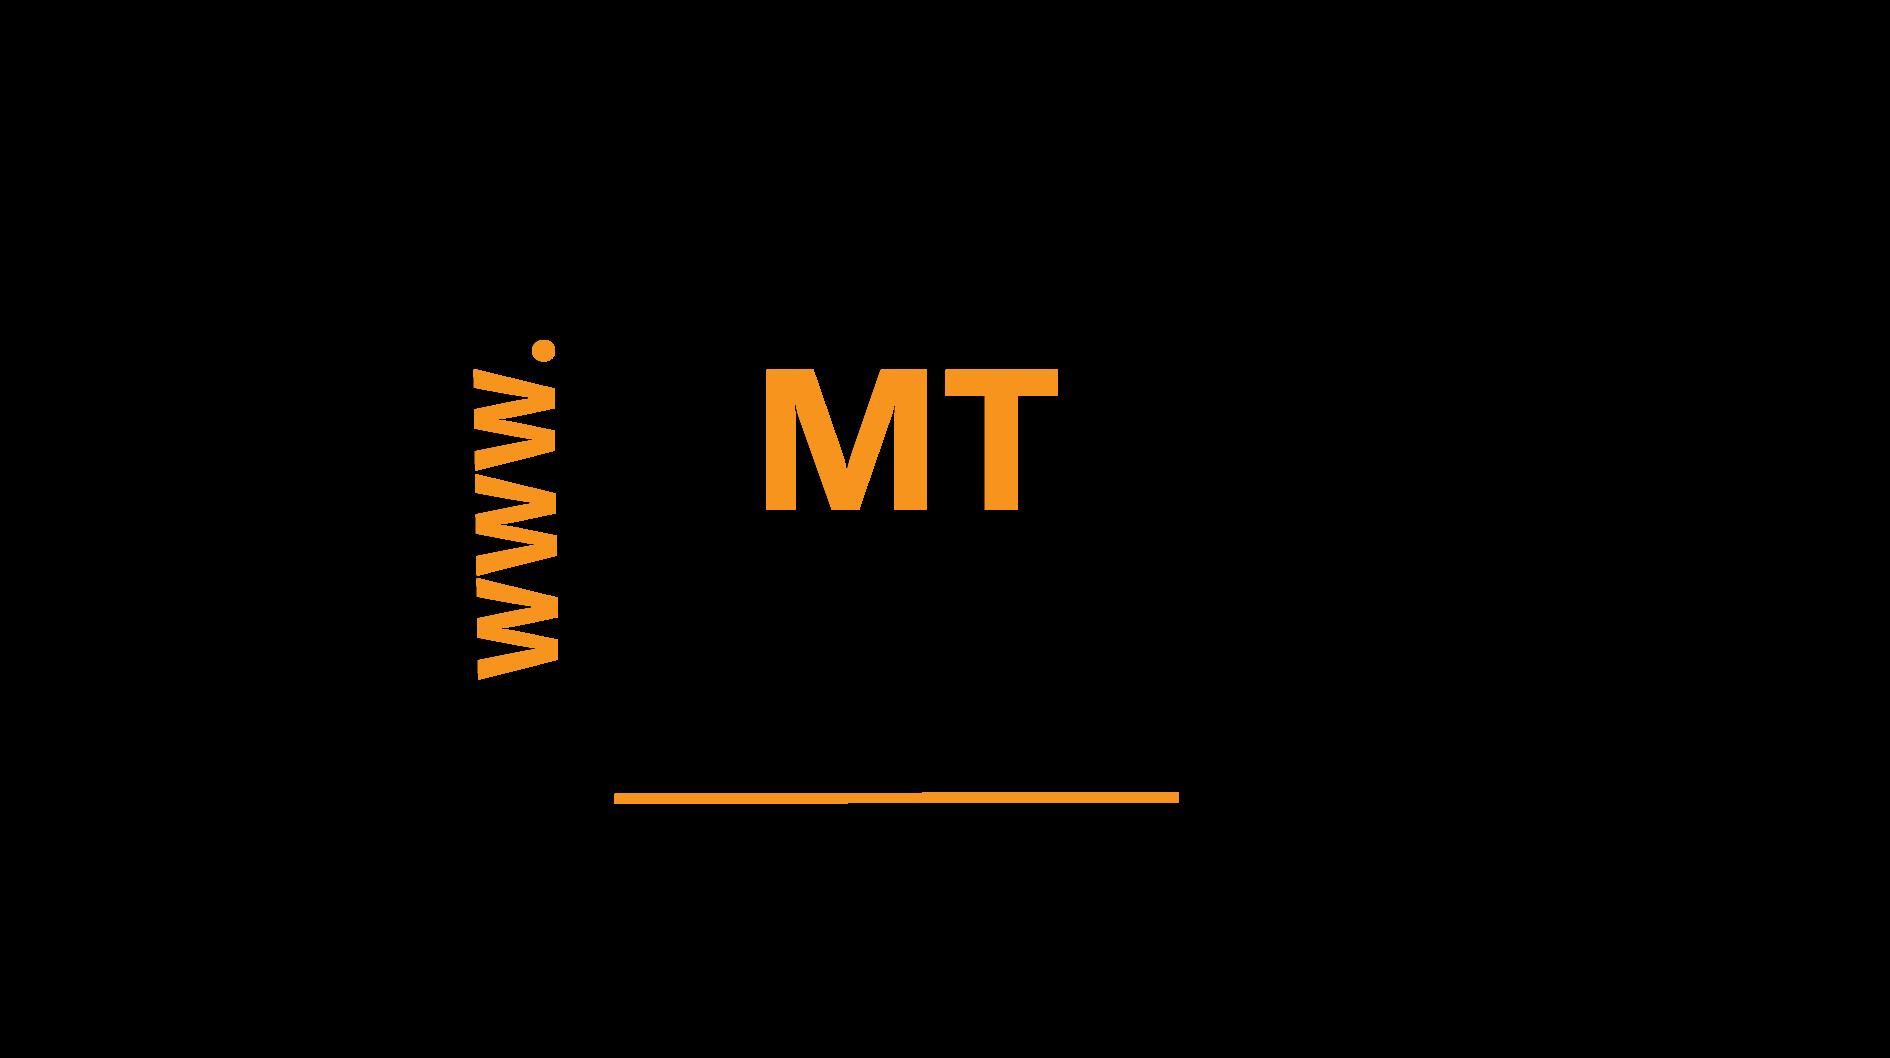 MT Electrics